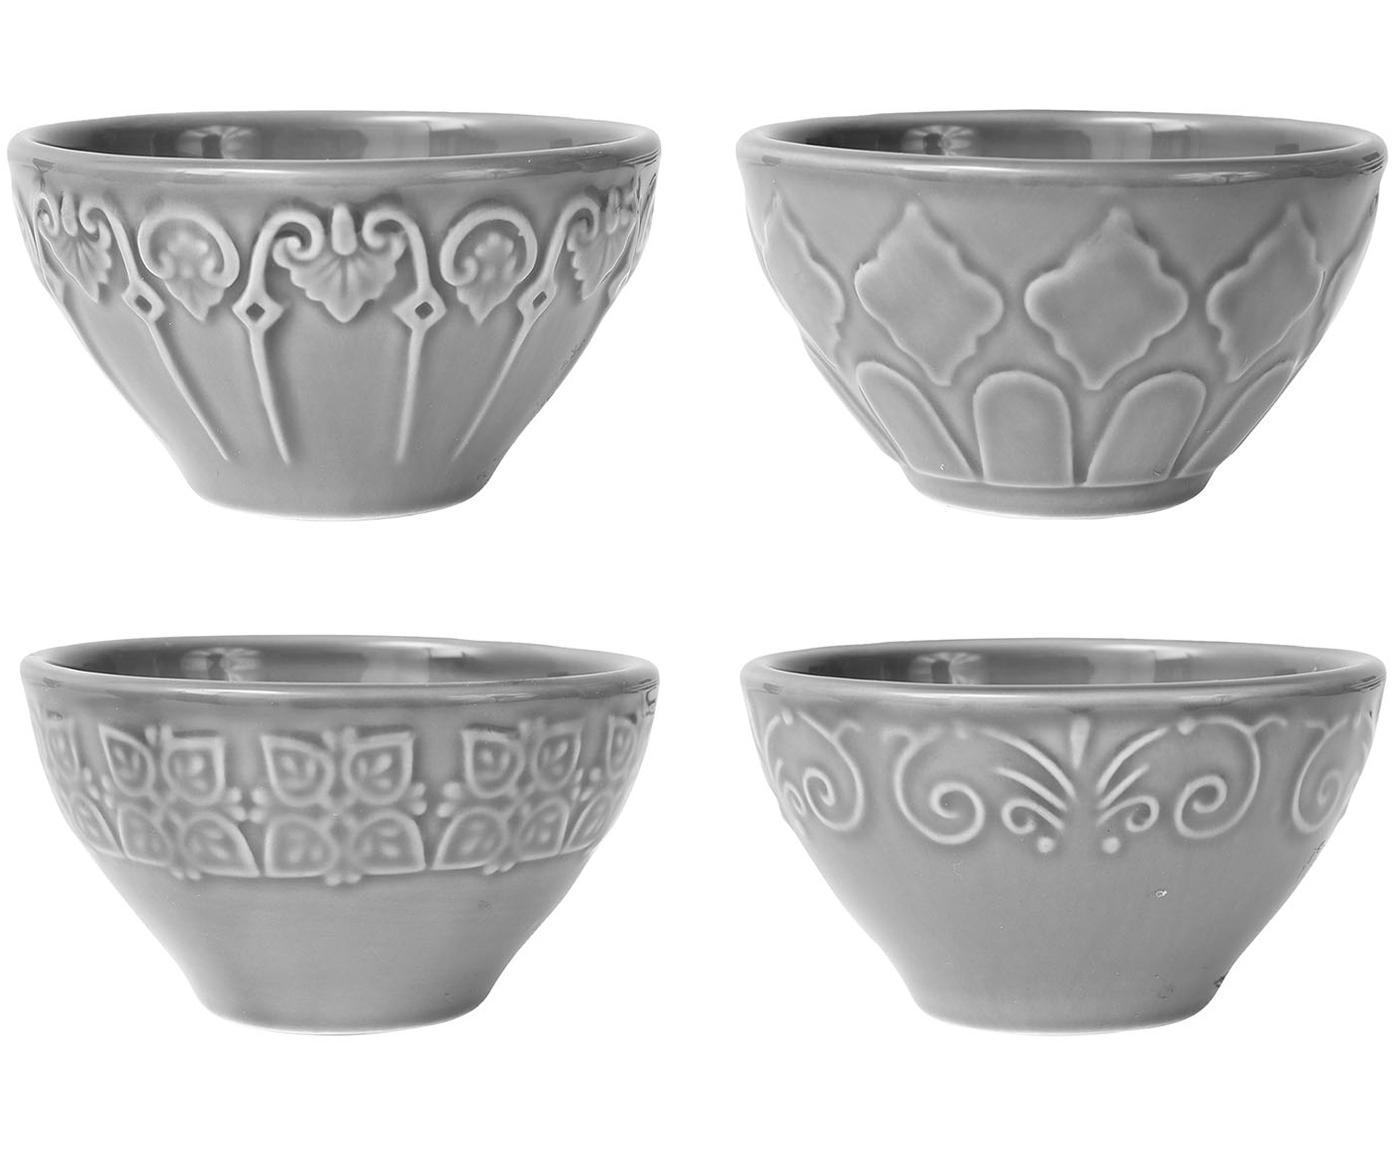 Steingut-Schälchen Tartine in Grau, 4 Stück, Steingut, Grau, Ø 14 x H 10 cm